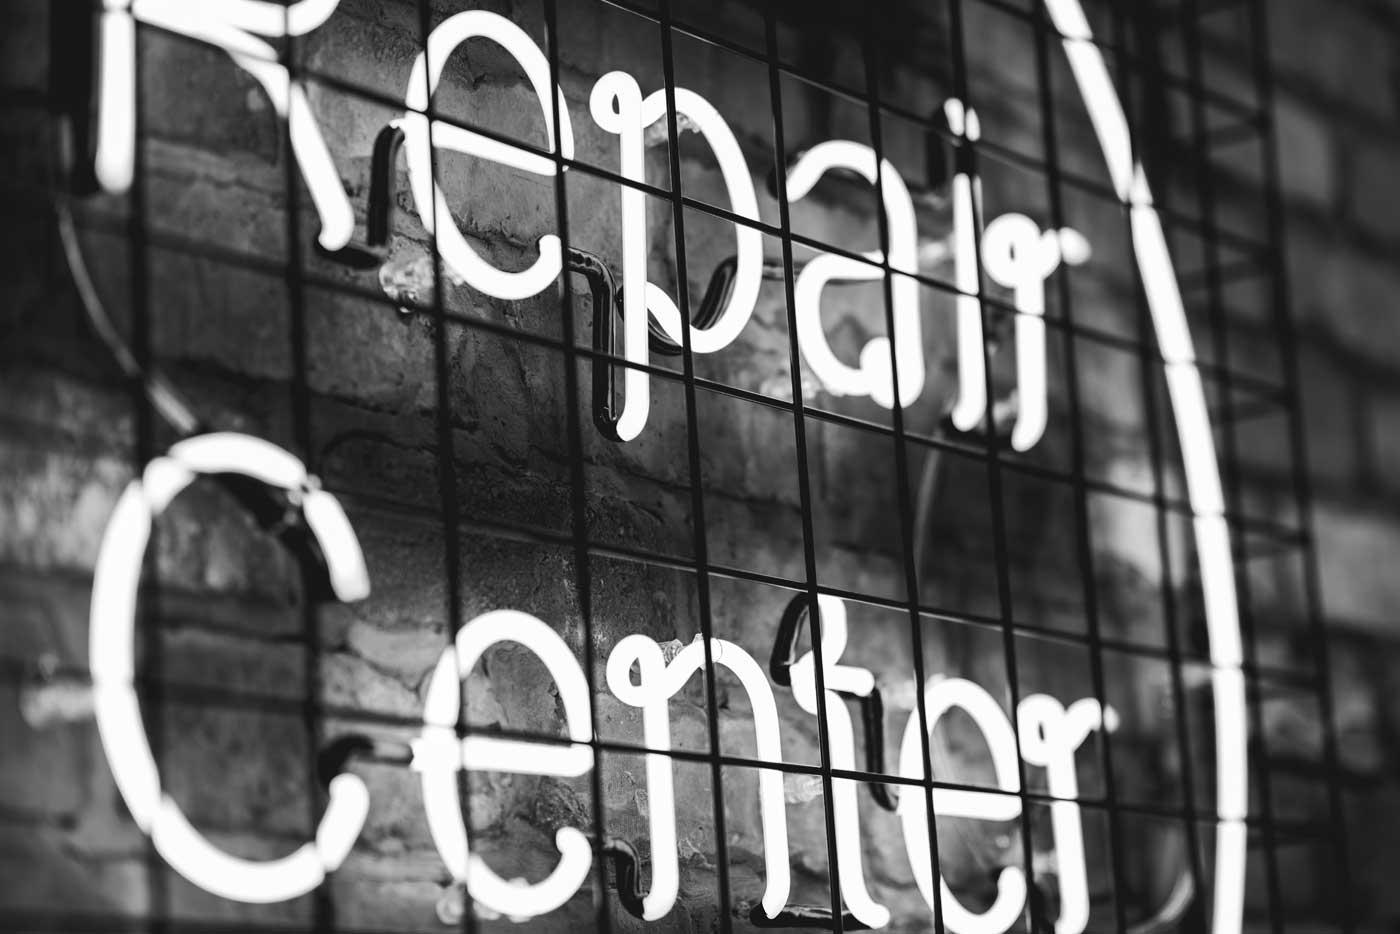 Repair center neon sign.